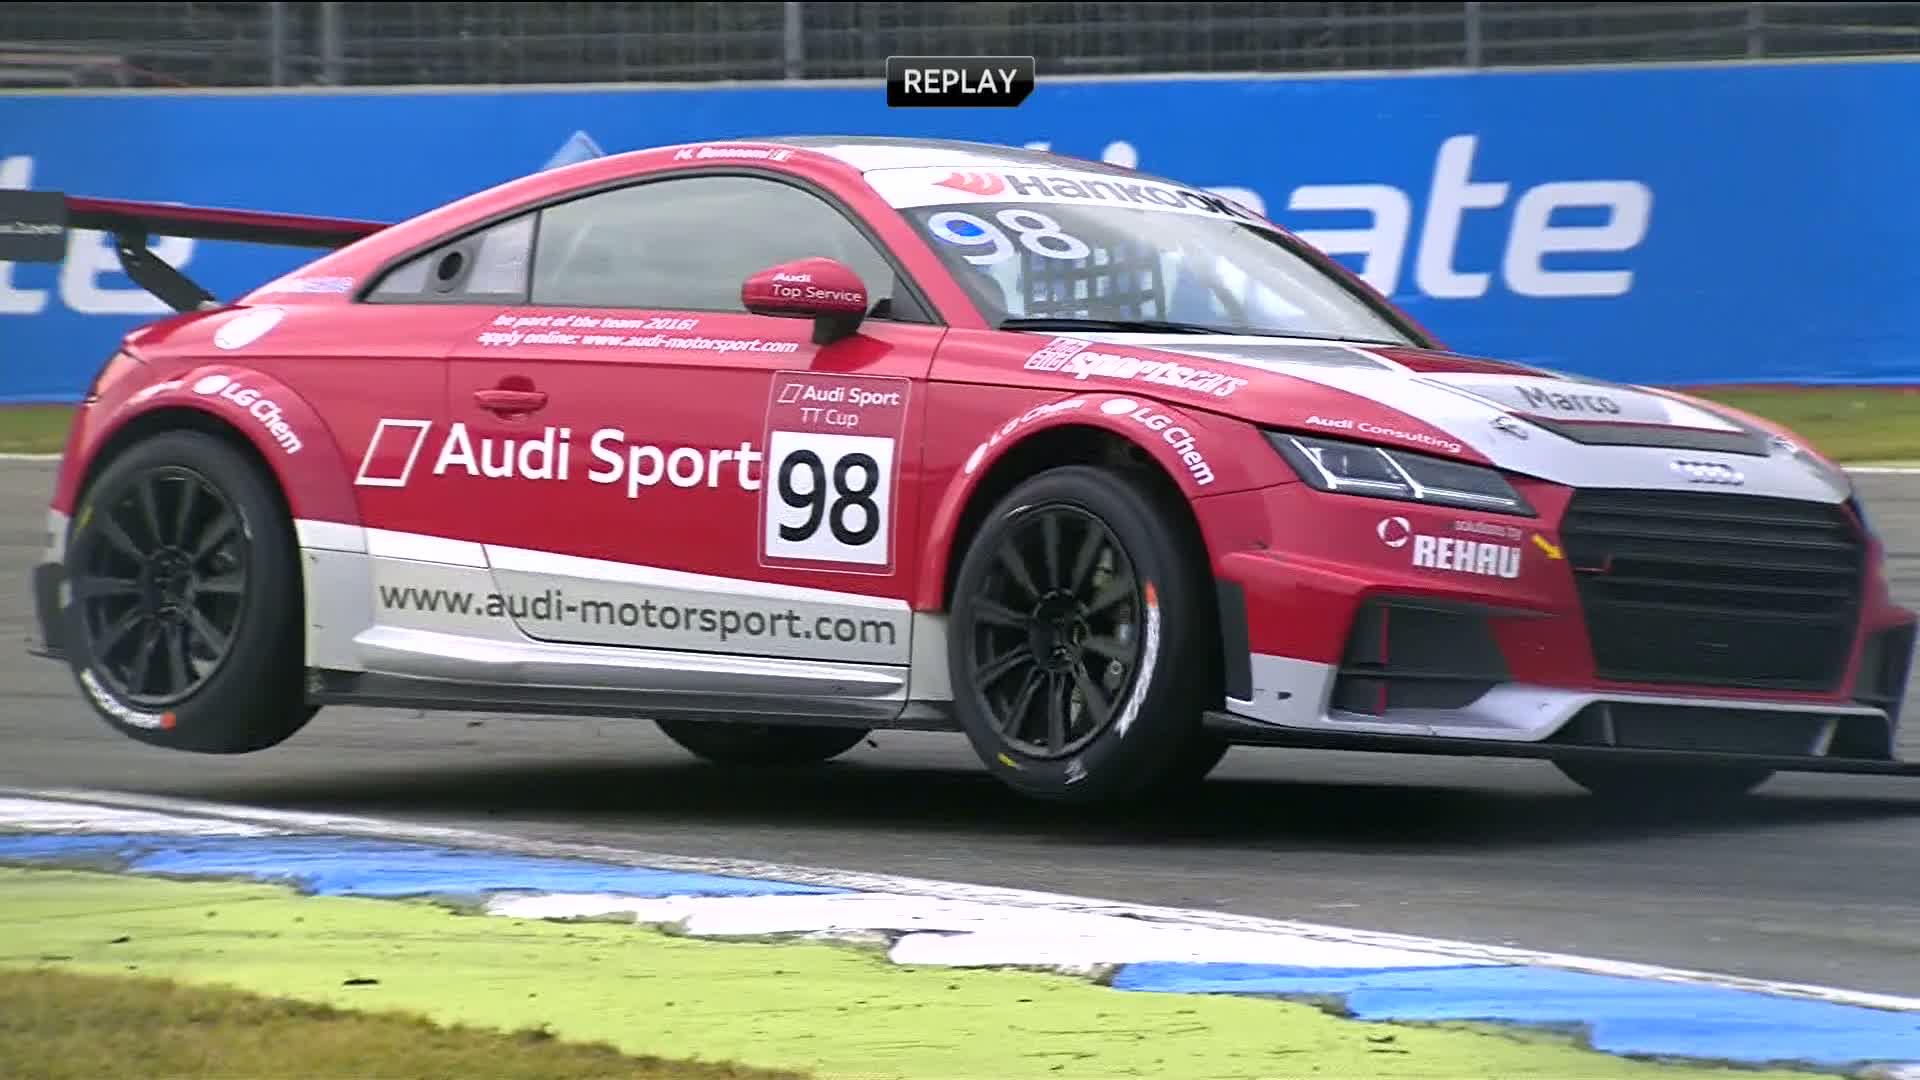 60 Seconds of Audi Sport 98/2015 - TT Cup Hockenheim, Race 2